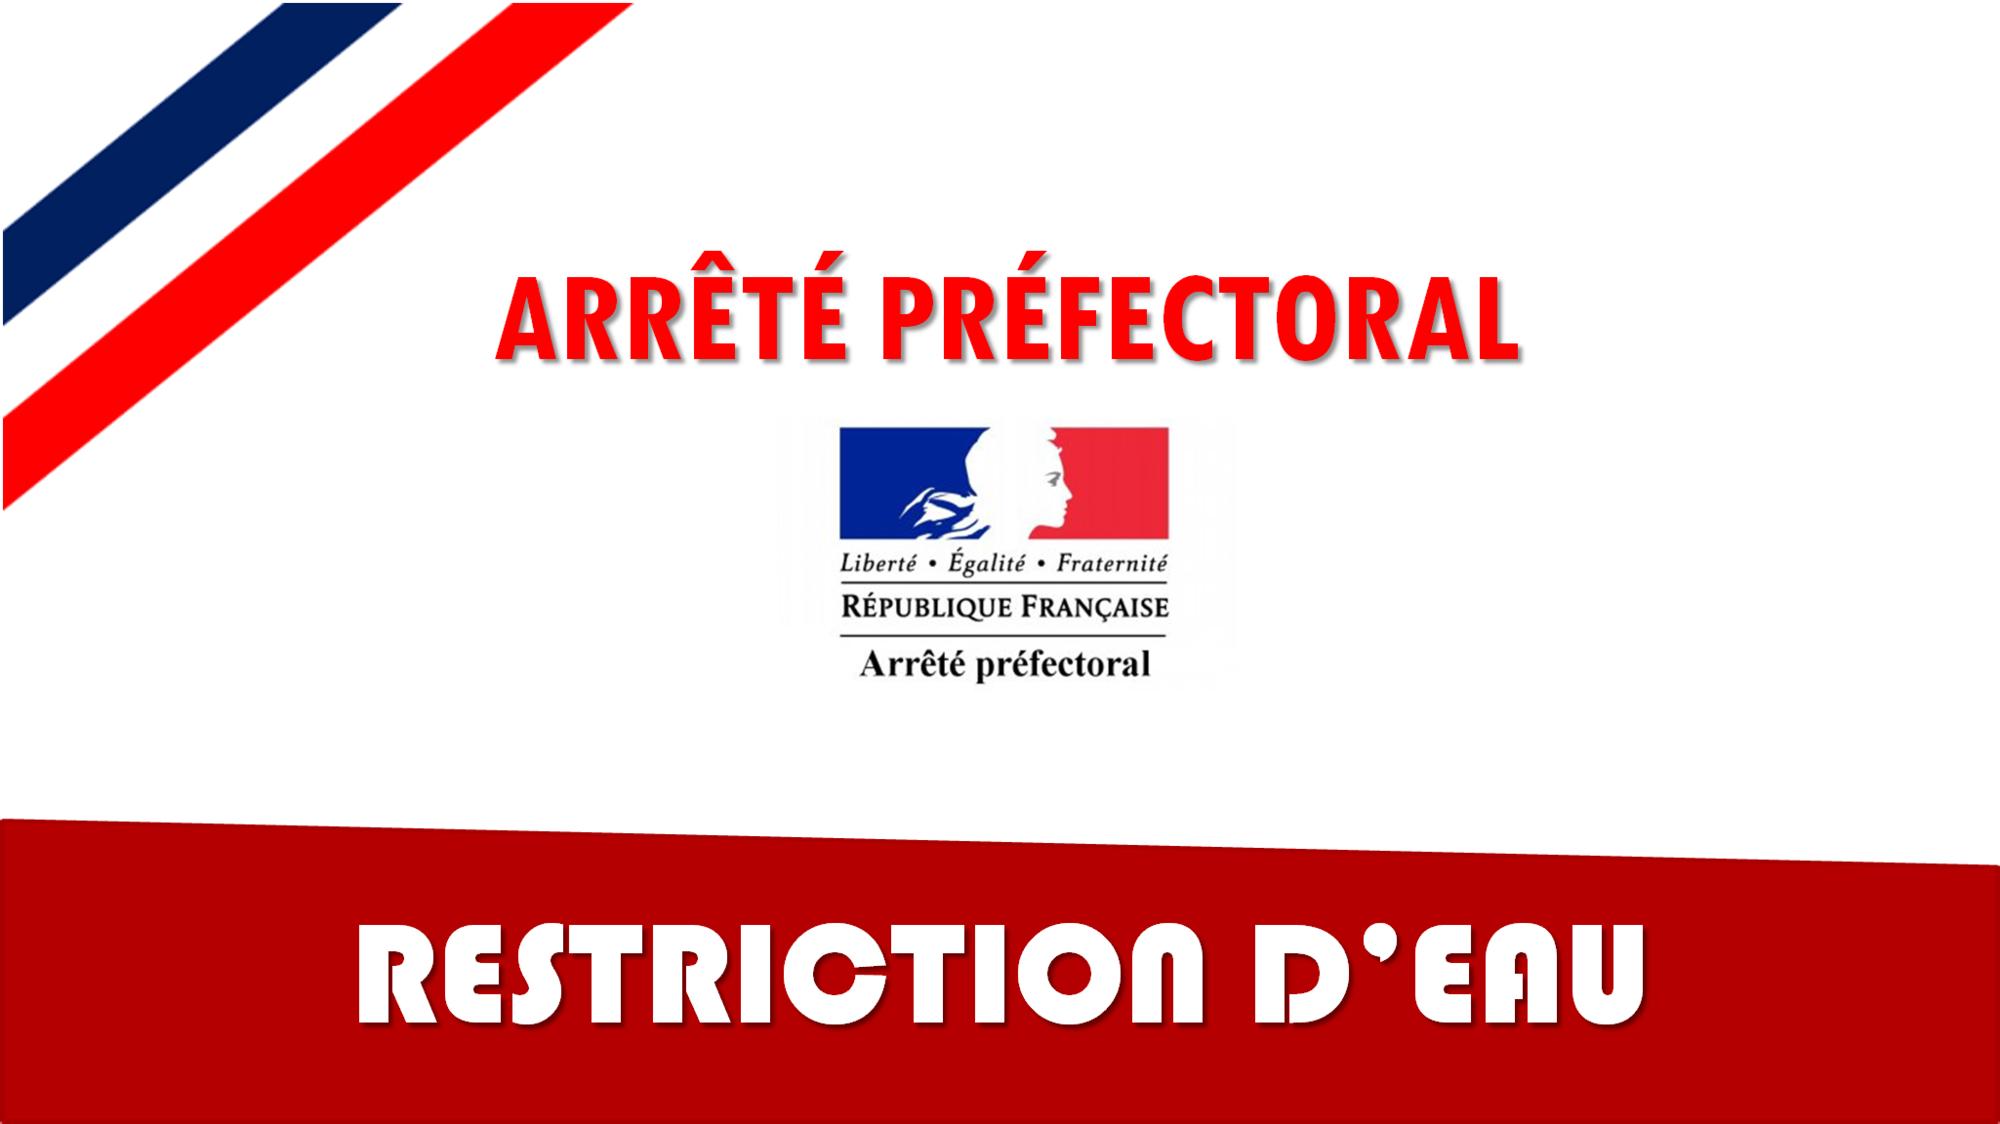 actu RESTRICTION D4EAU